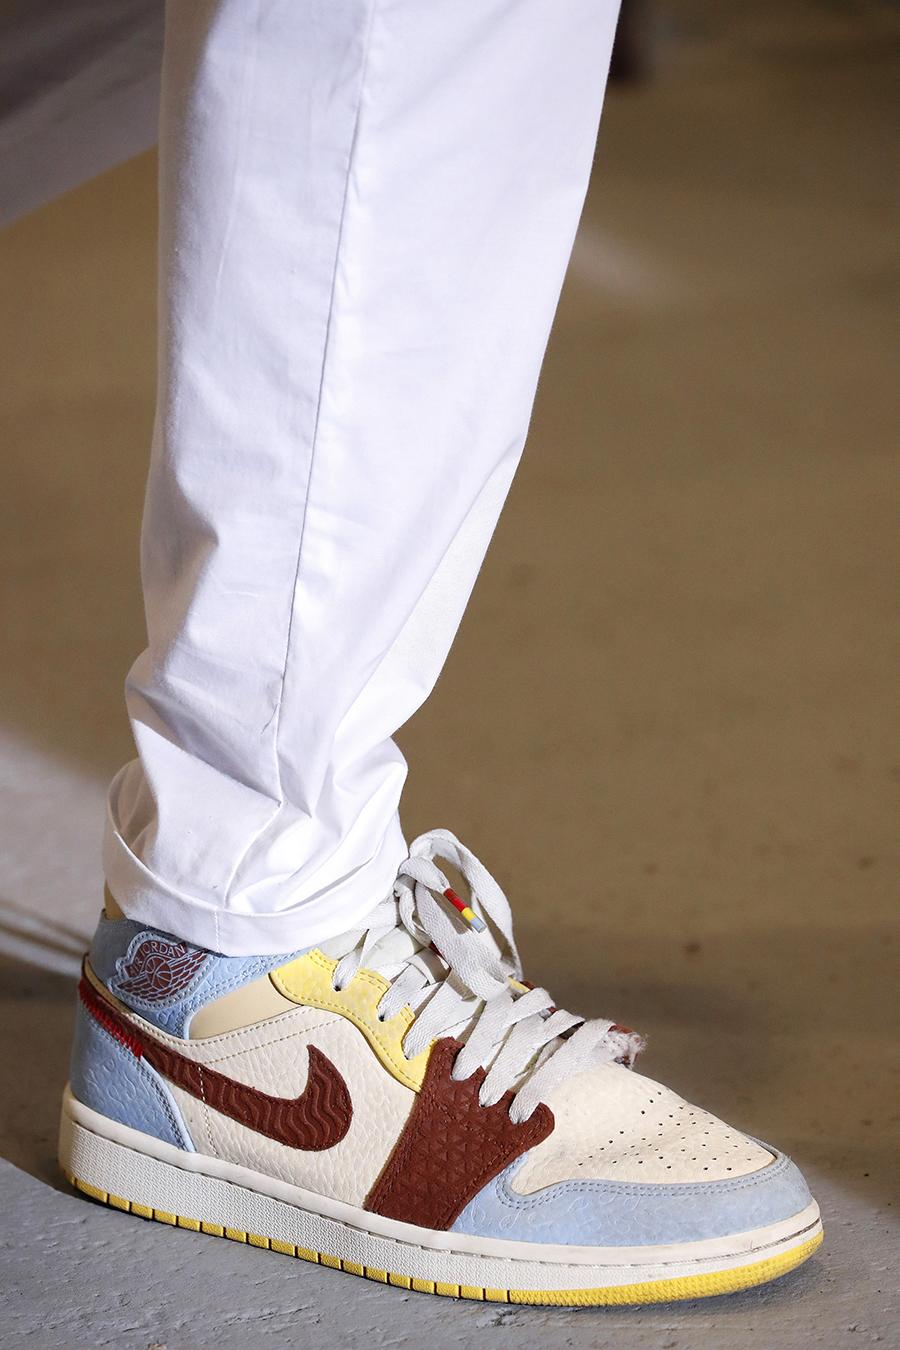 самые модные кроссовки кеды спортивные сандалии женские обувь лето 2021 разноцветные